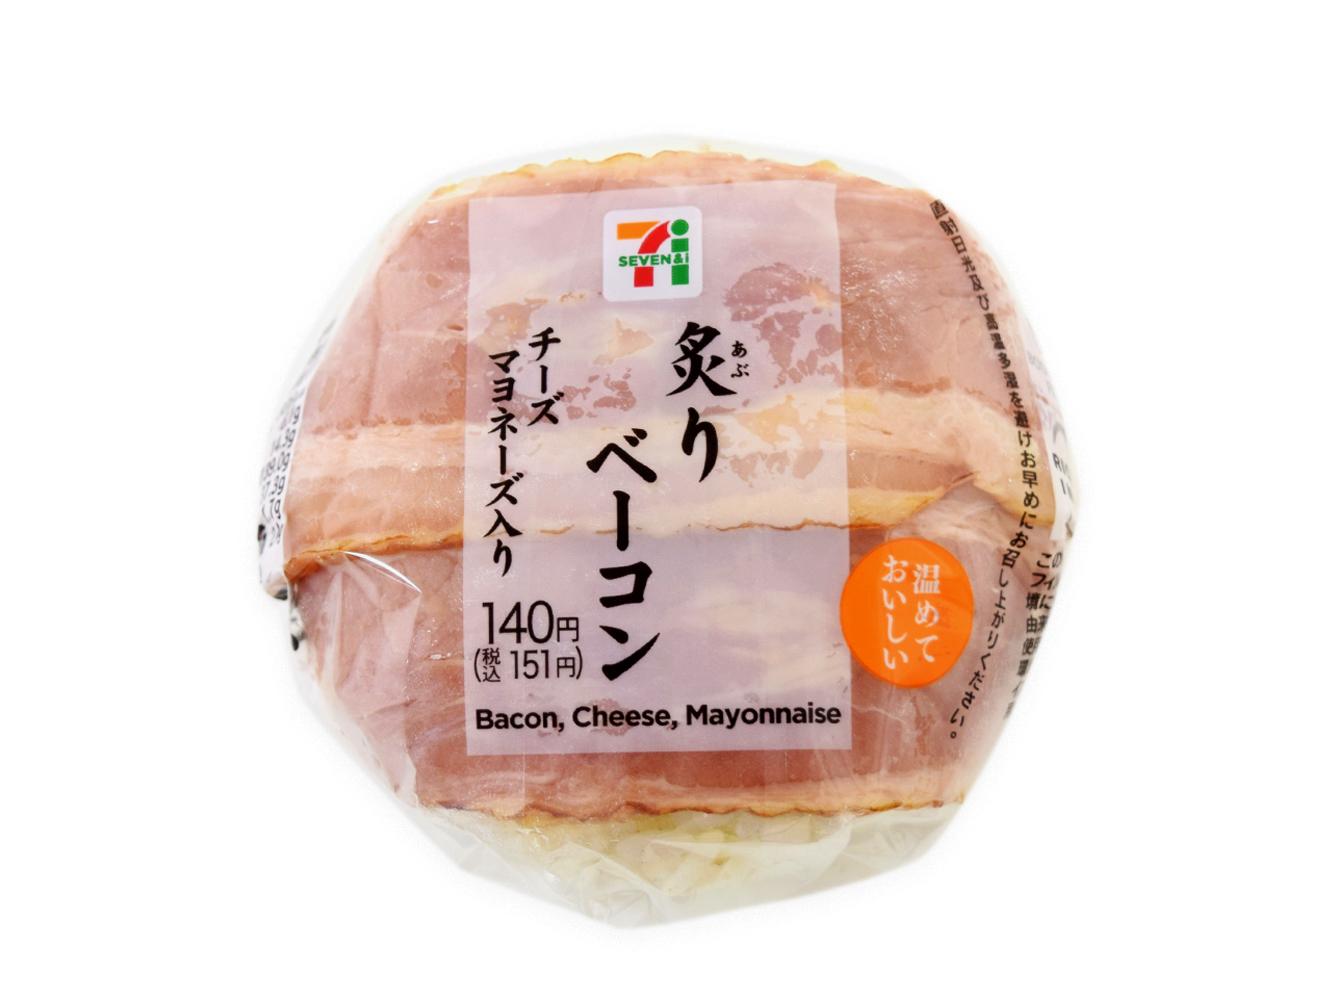 炙りベーコンおむすび(チーズマヨネーズ入り)